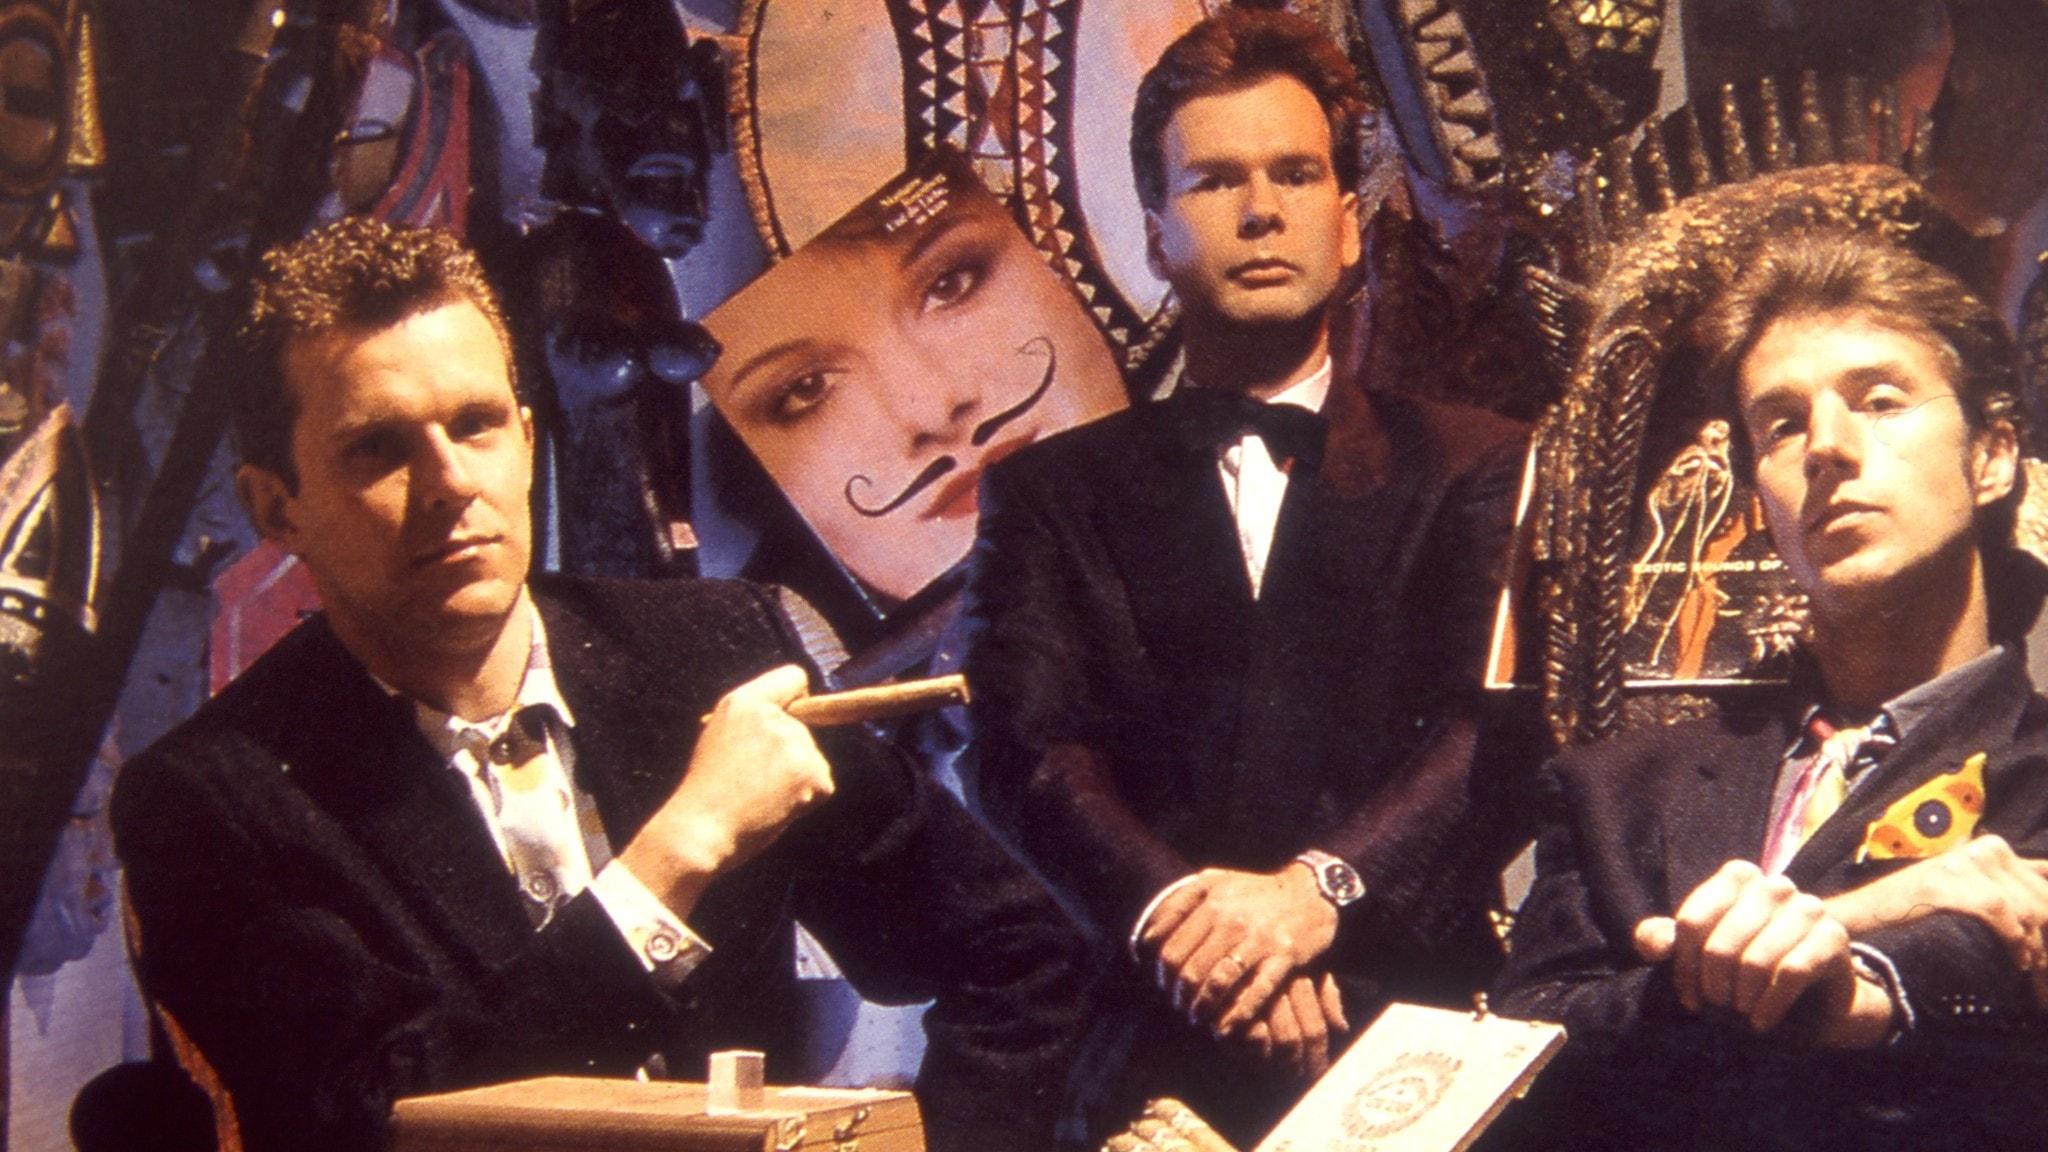 Tyska trion Der Plan har smoking och fluga. De röker cigarr och ser ut att vara på en klubb med många bilder på väggarna.